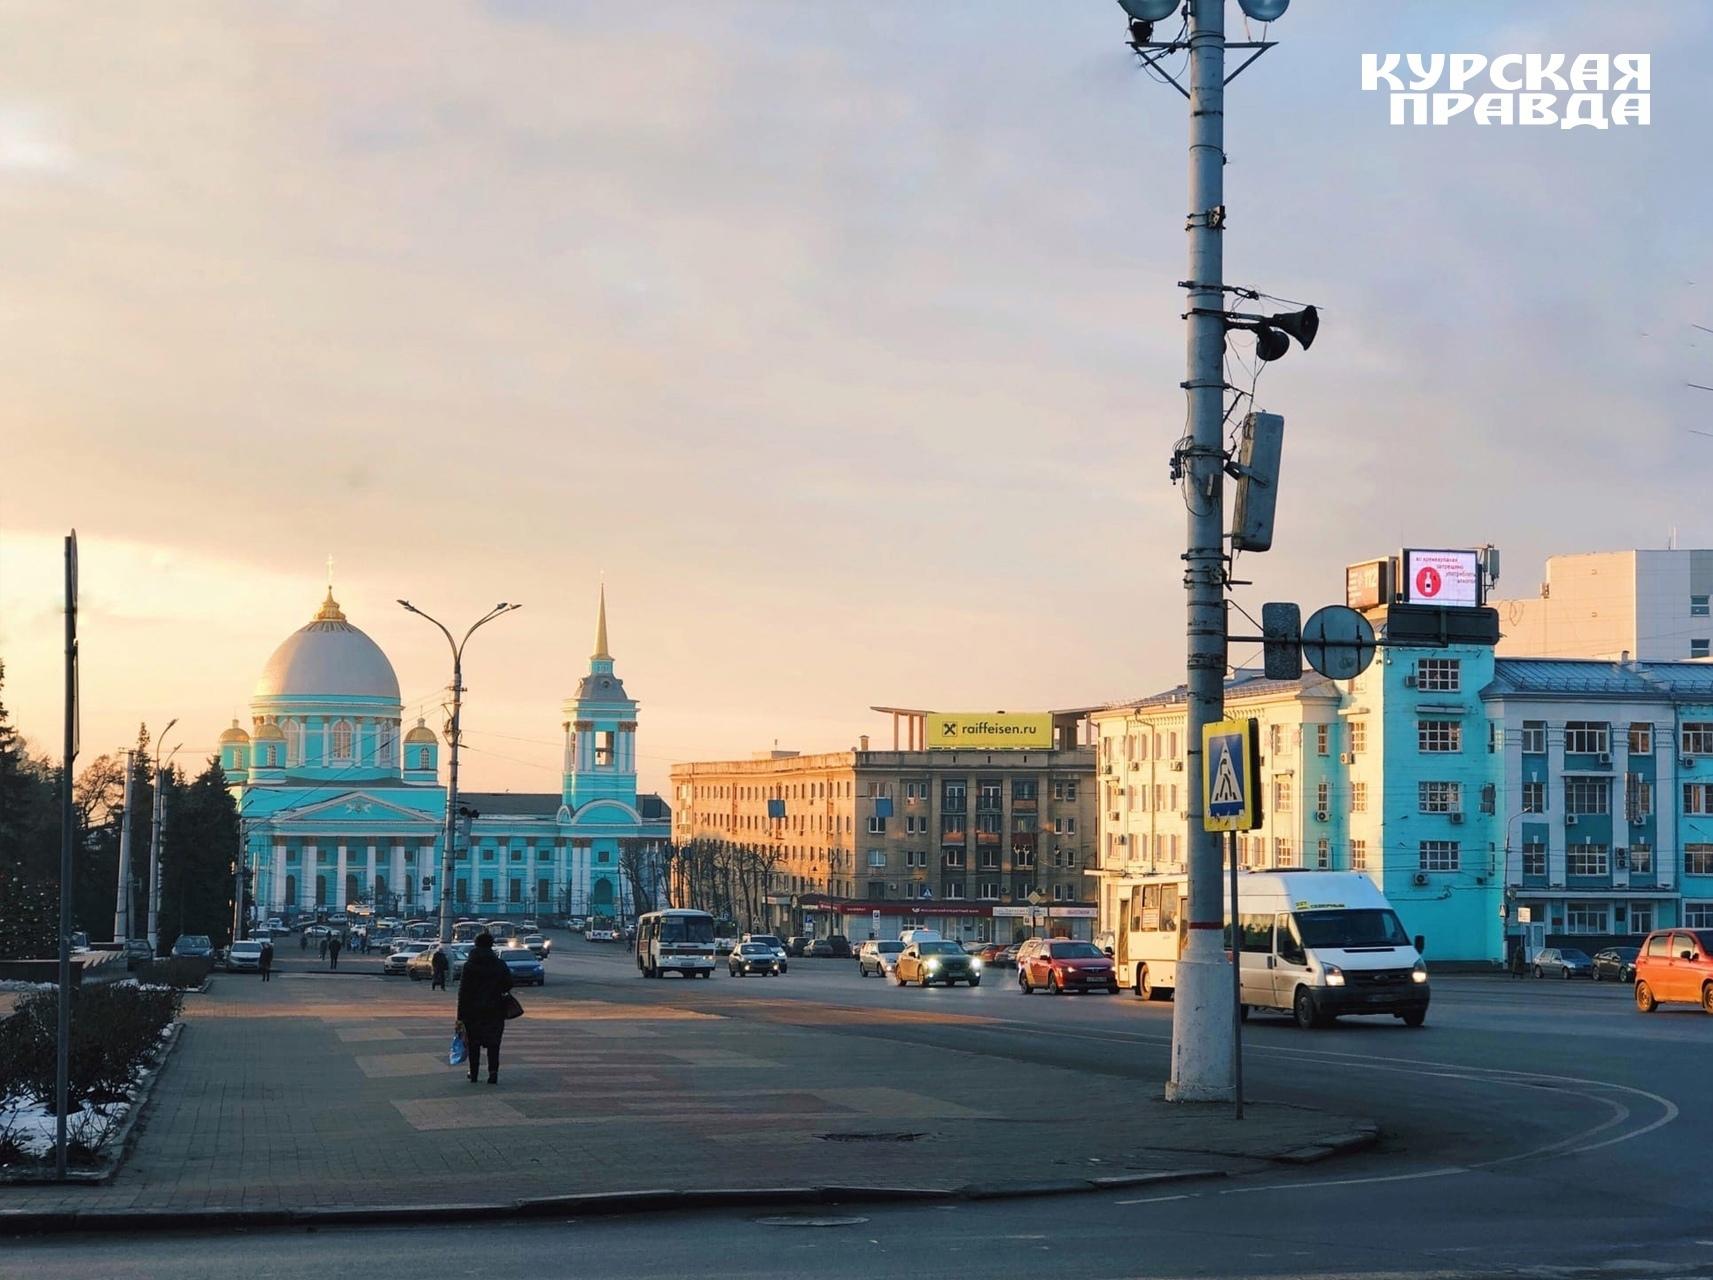 В Курской области ожидается похолодание и дожди